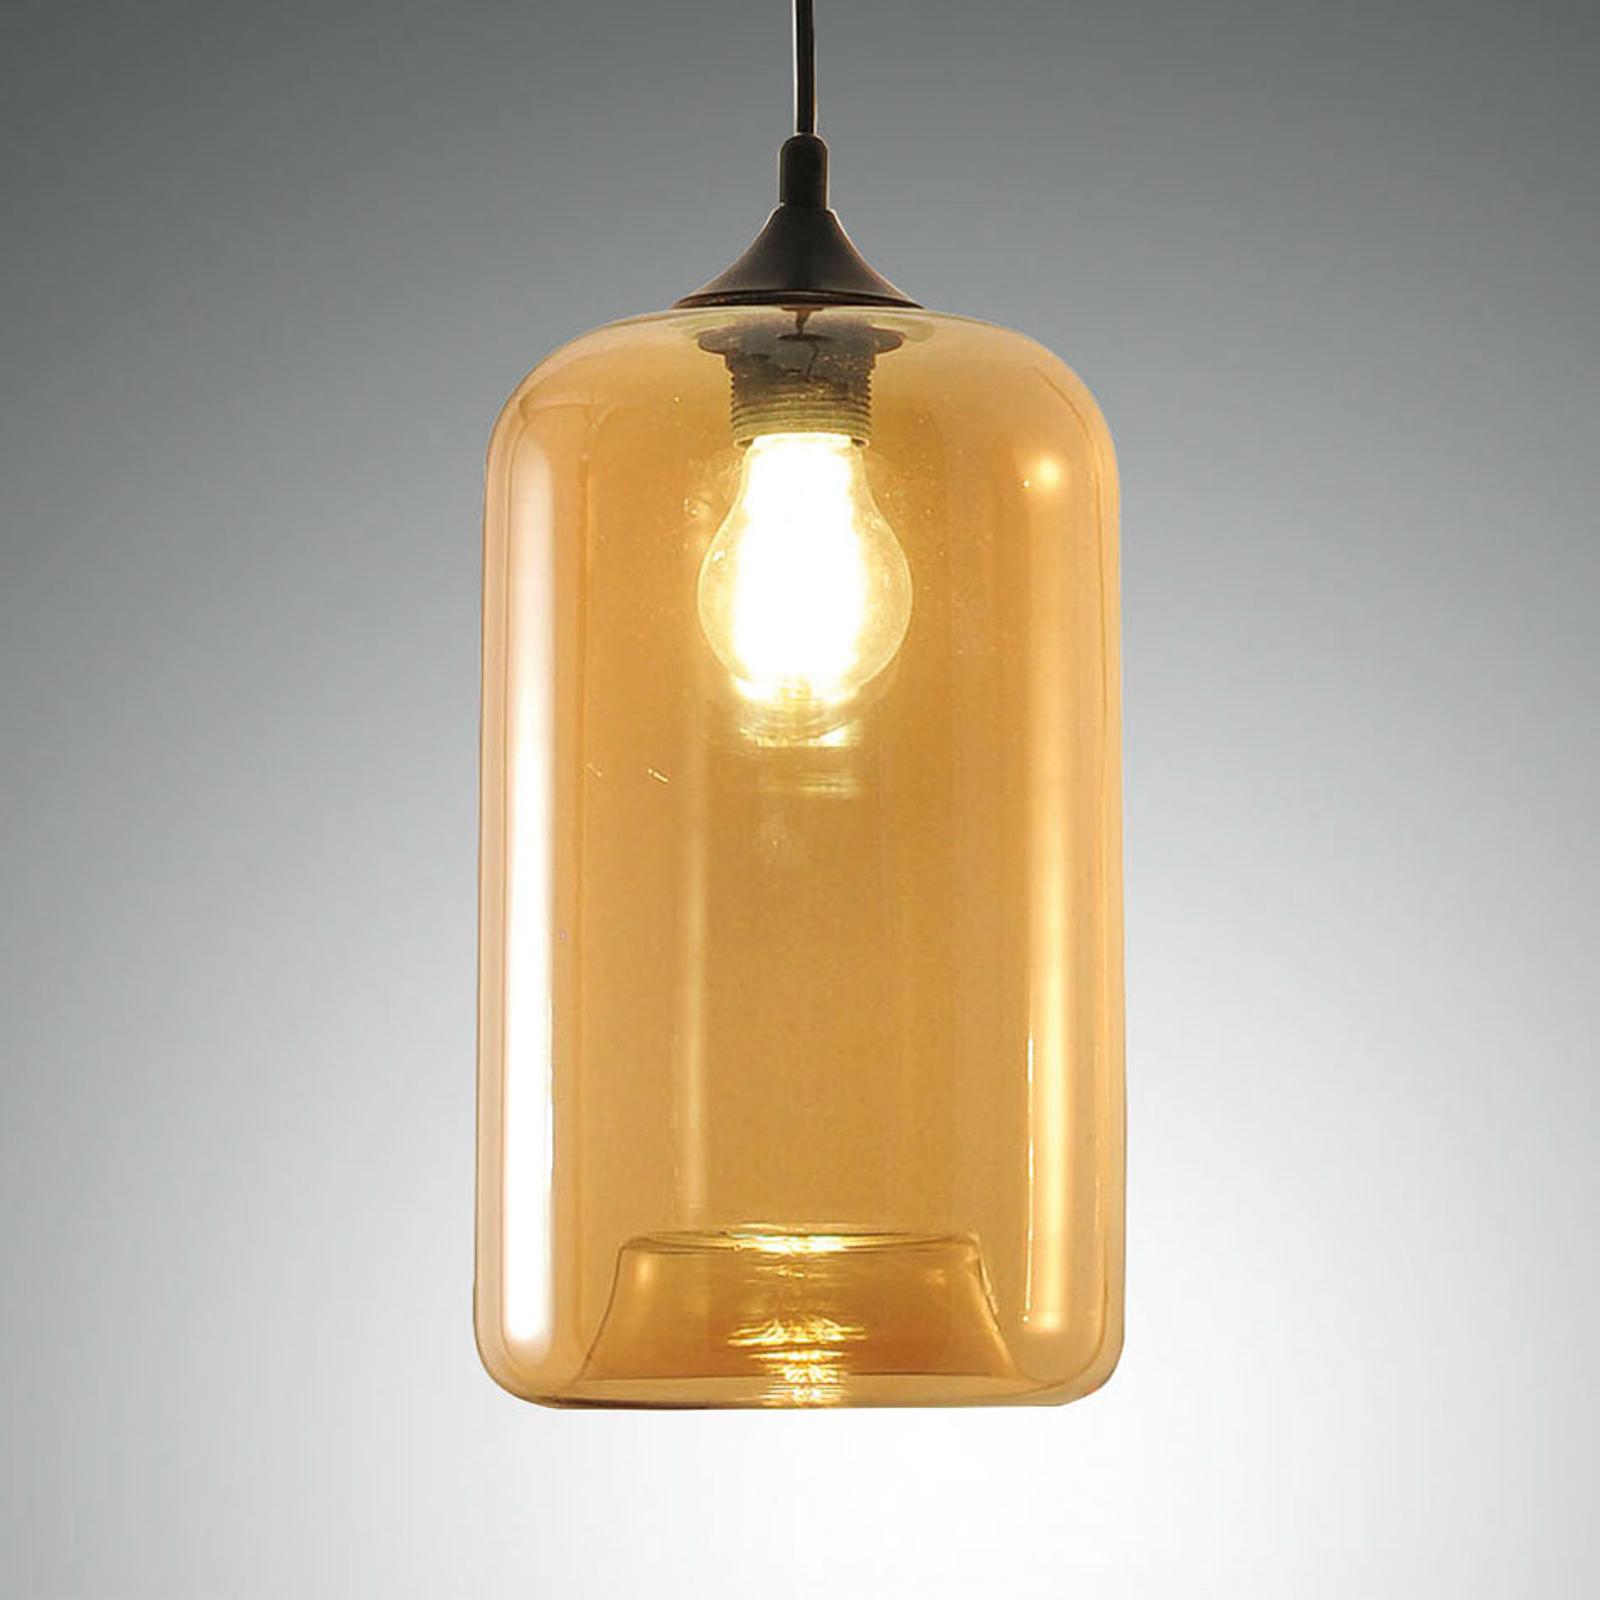 Závěsné světlo Silo ze skla, jantarová